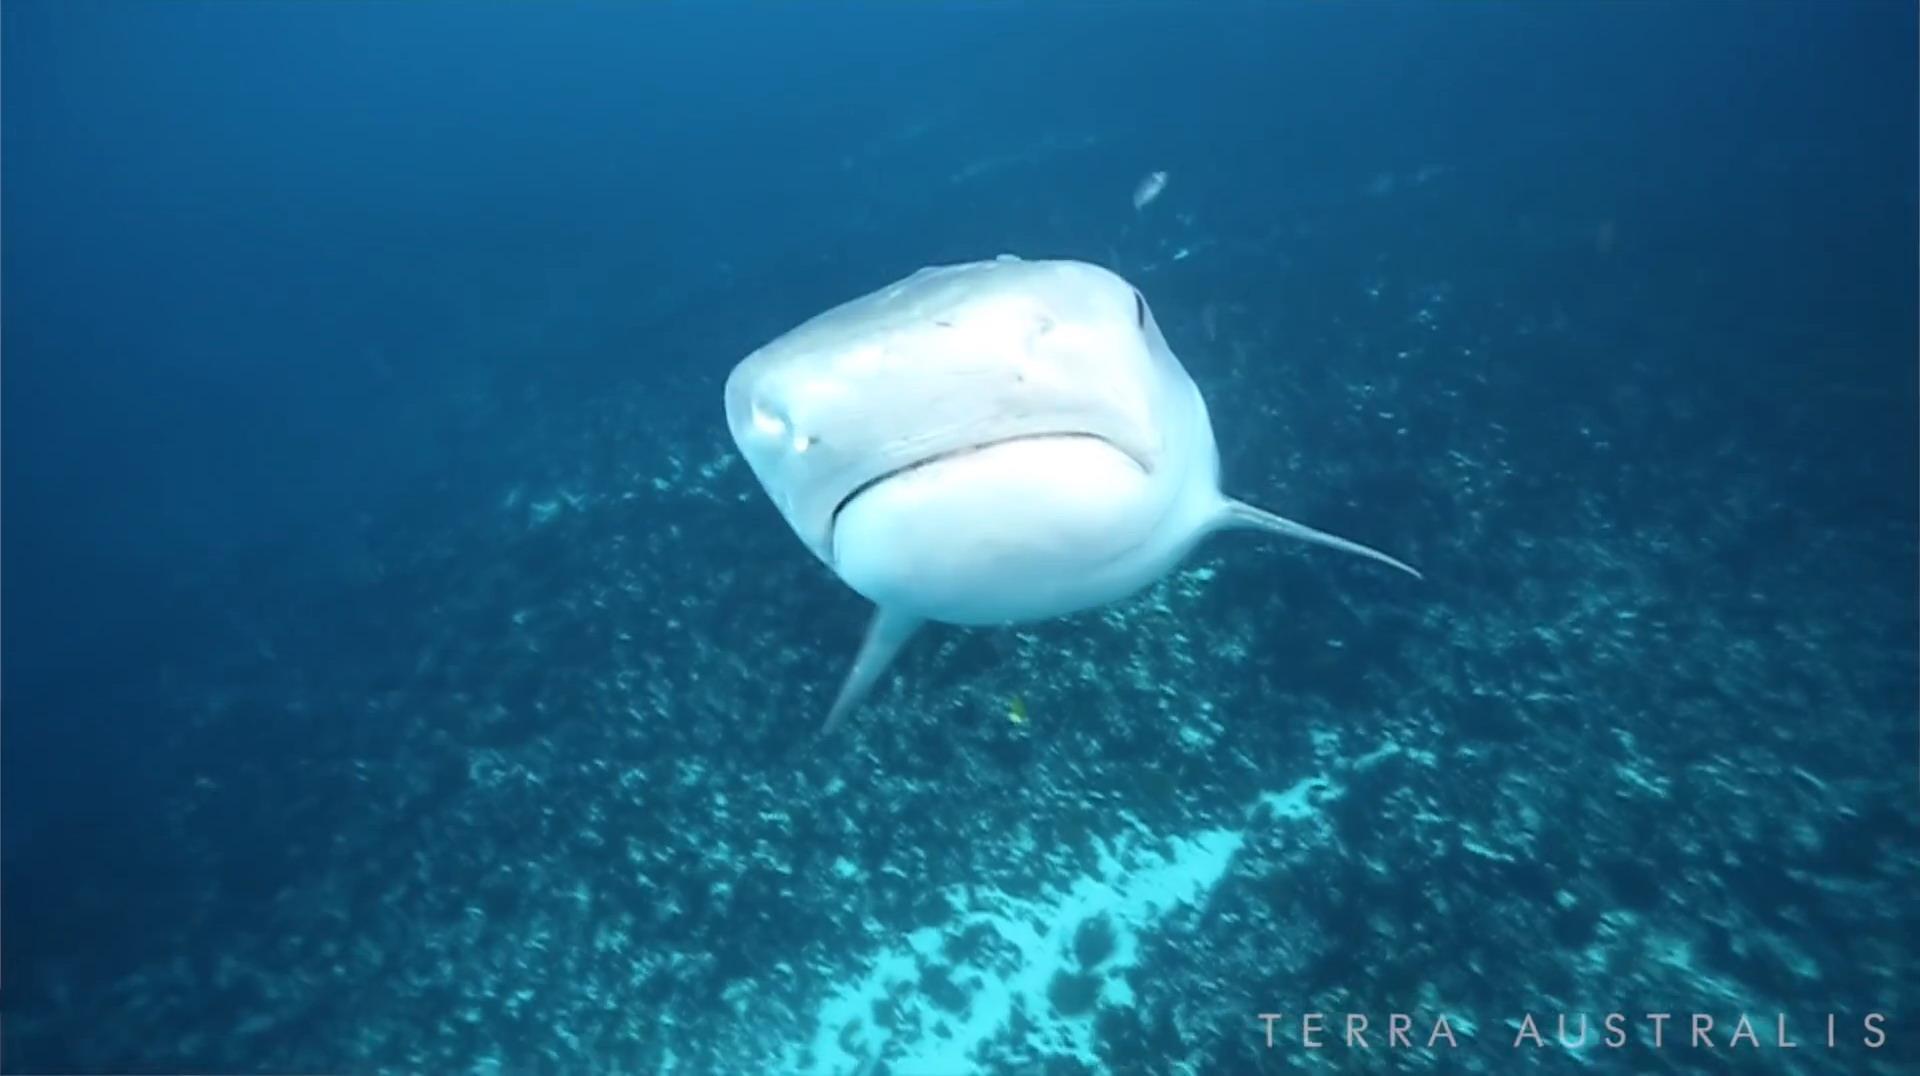 terra-australis-tiger-shark-2